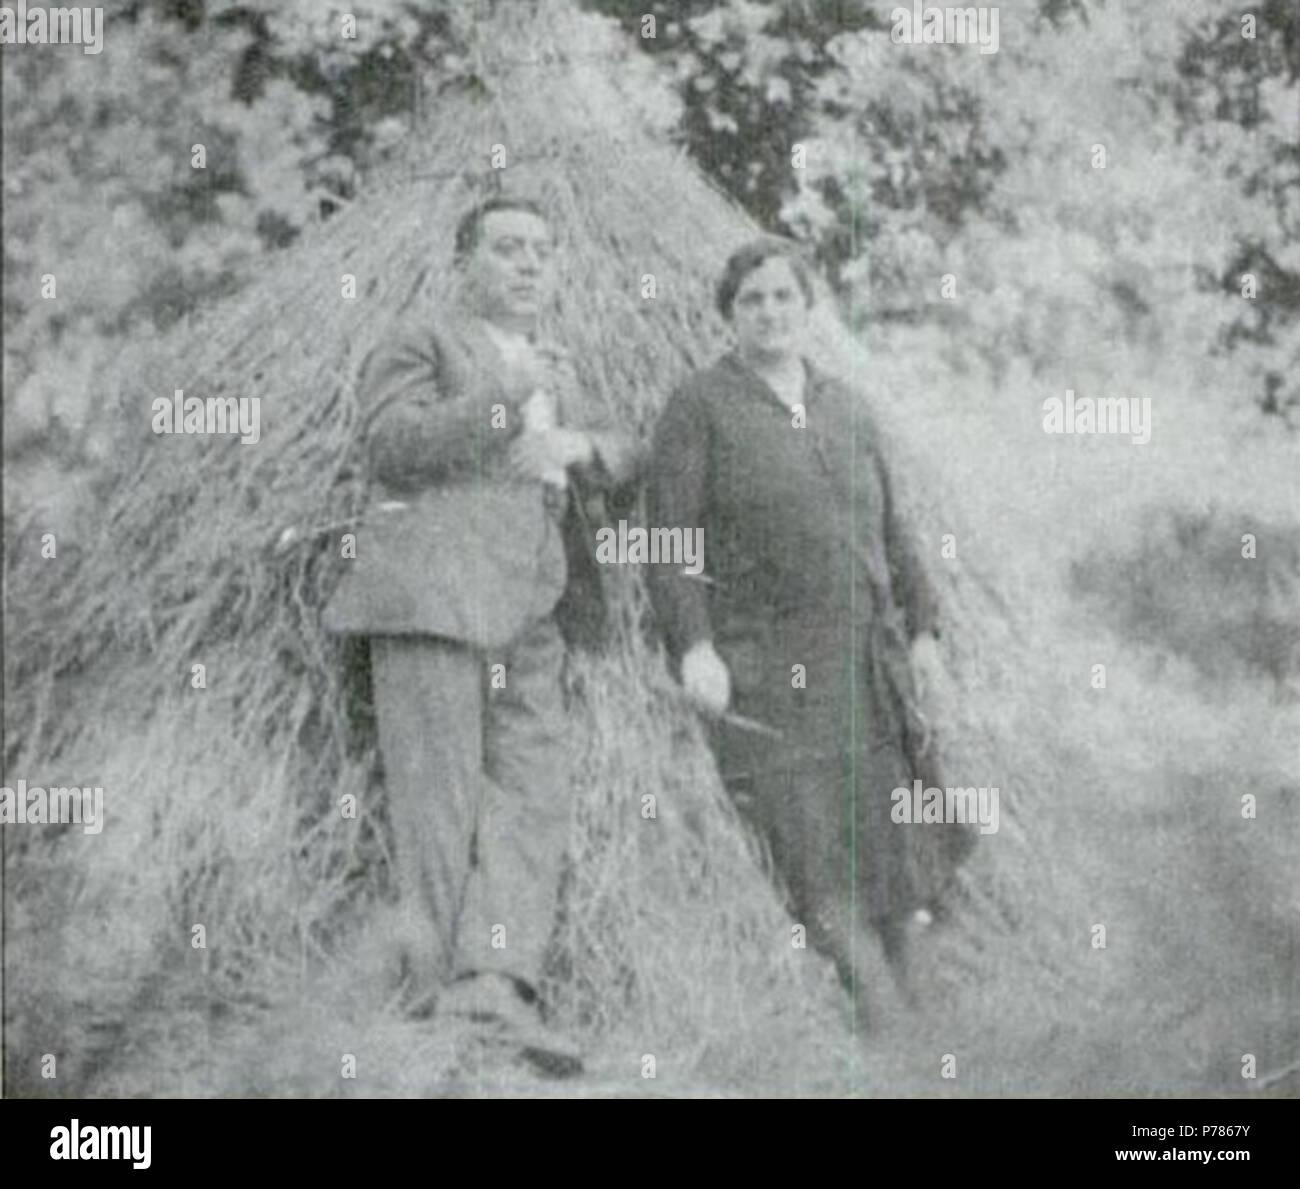 20 Darío Álvarez Limeses e María Blázquez Ballester, Baión, 1928 Foto Stock